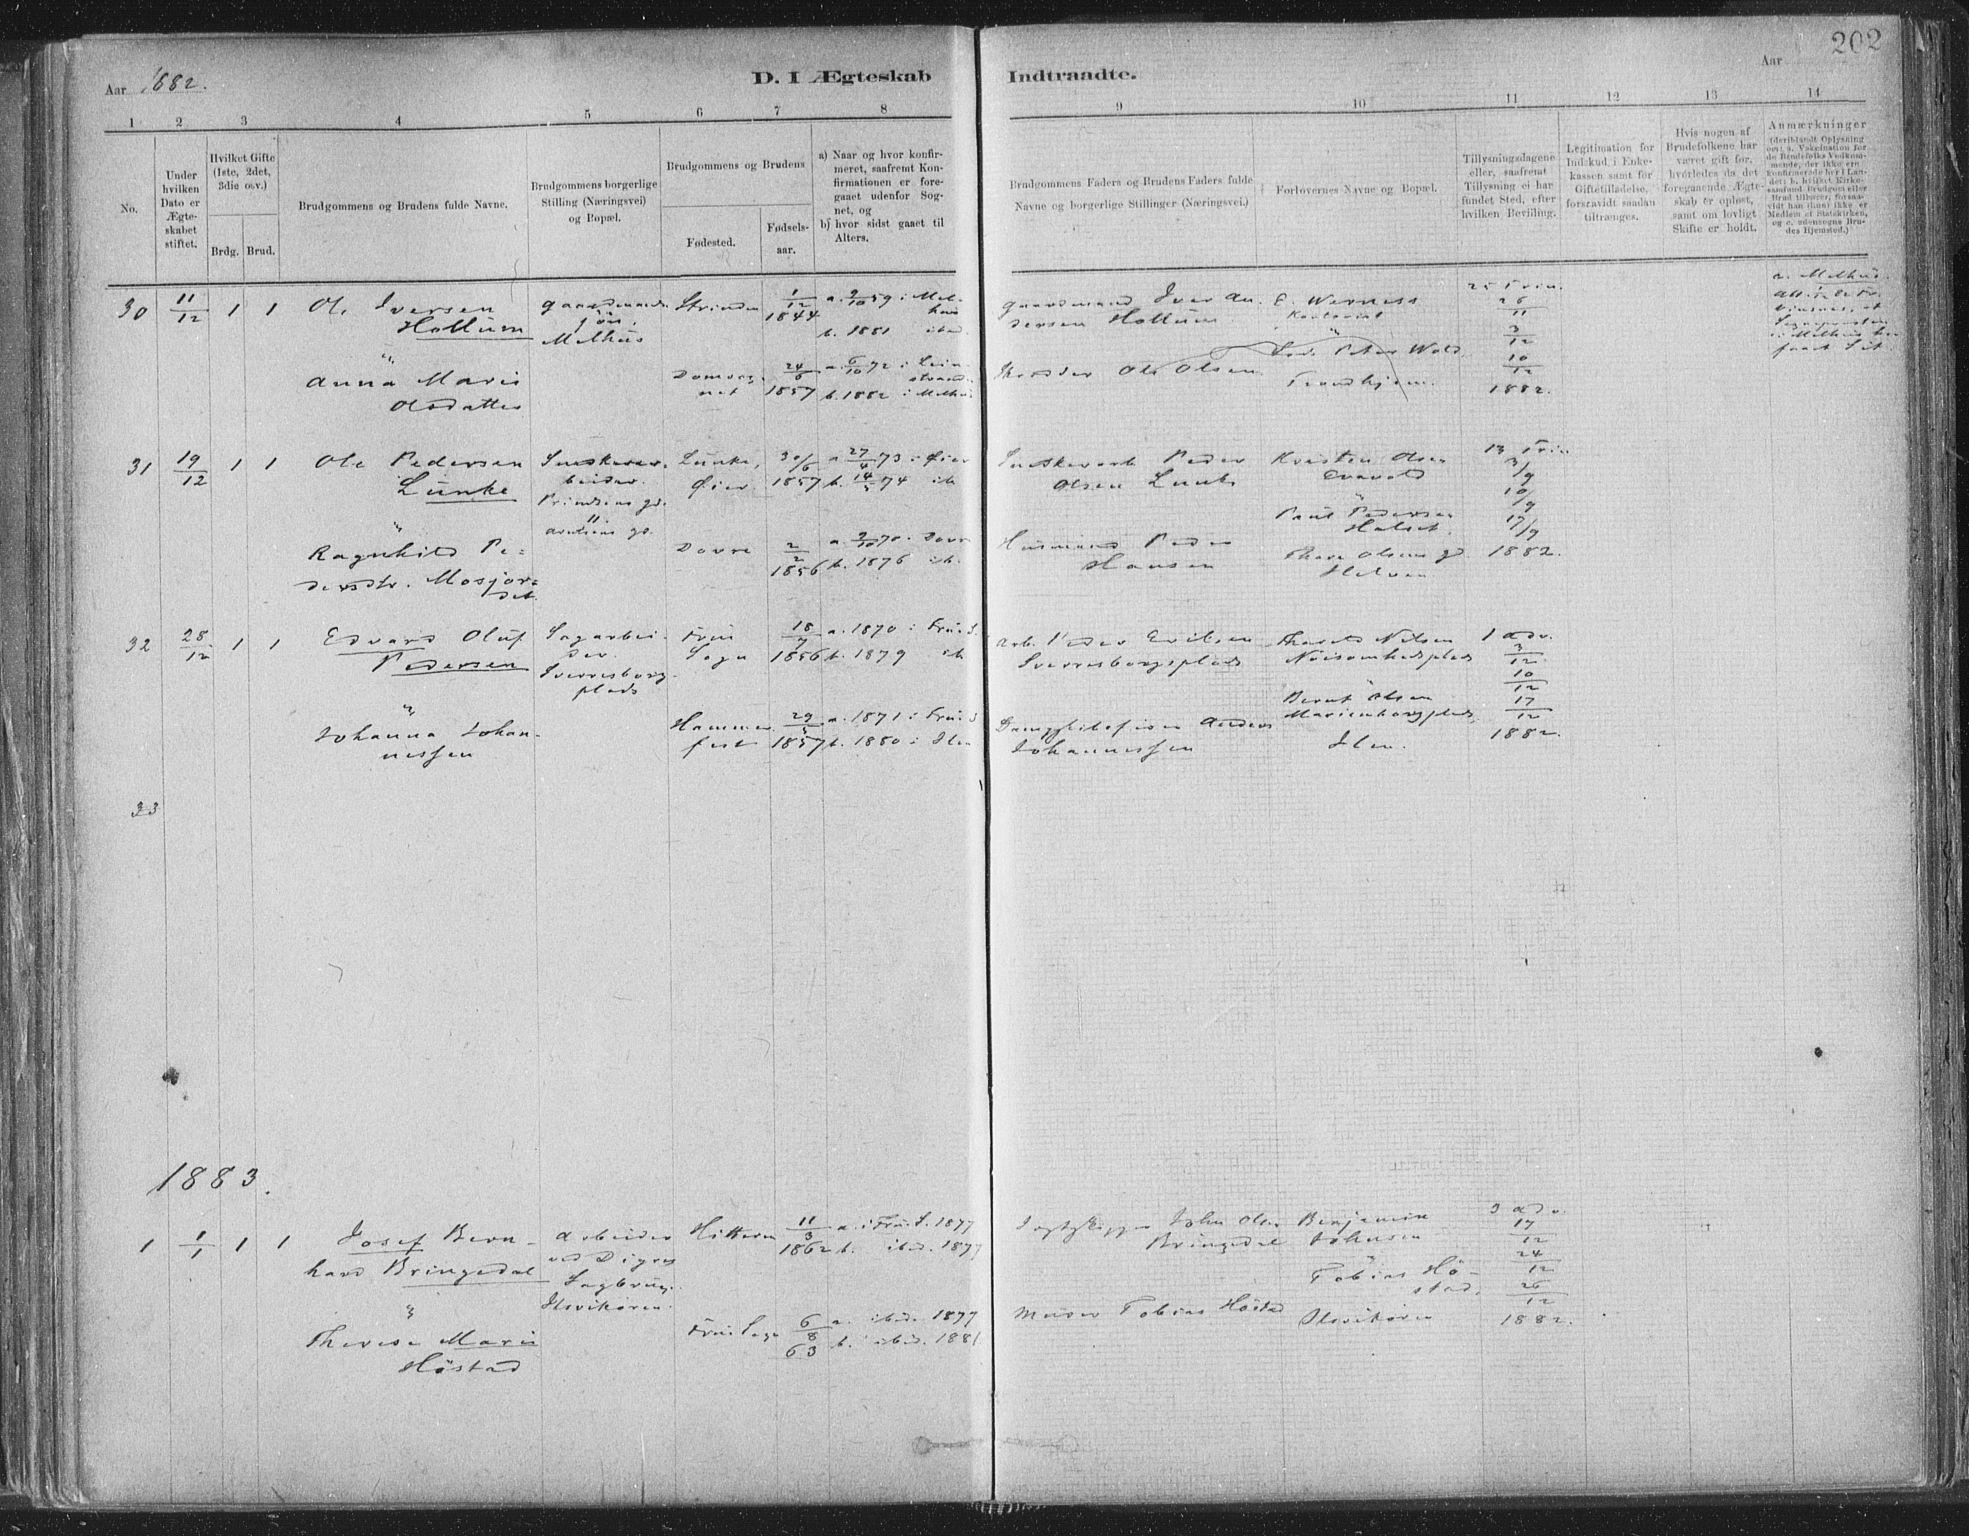 SAT, Ministerialprotokoller, klokkerbøker og fødselsregistre - Sør-Trøndelag, 603/L0162: Ministerialbok nr. 603A01, 1879-1895, s. 202